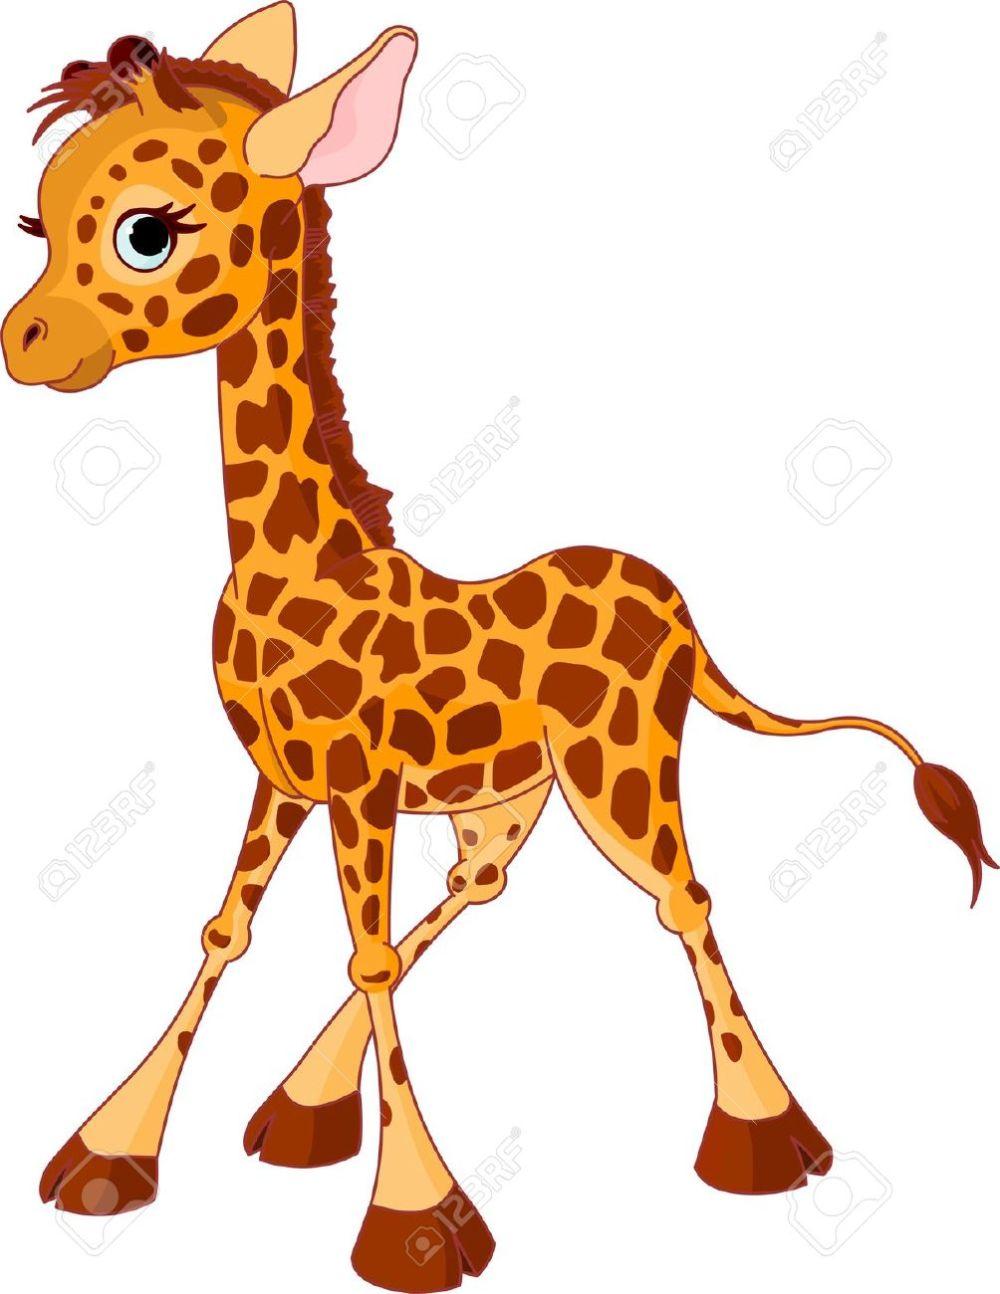 medium resolution of giraffe clipart image